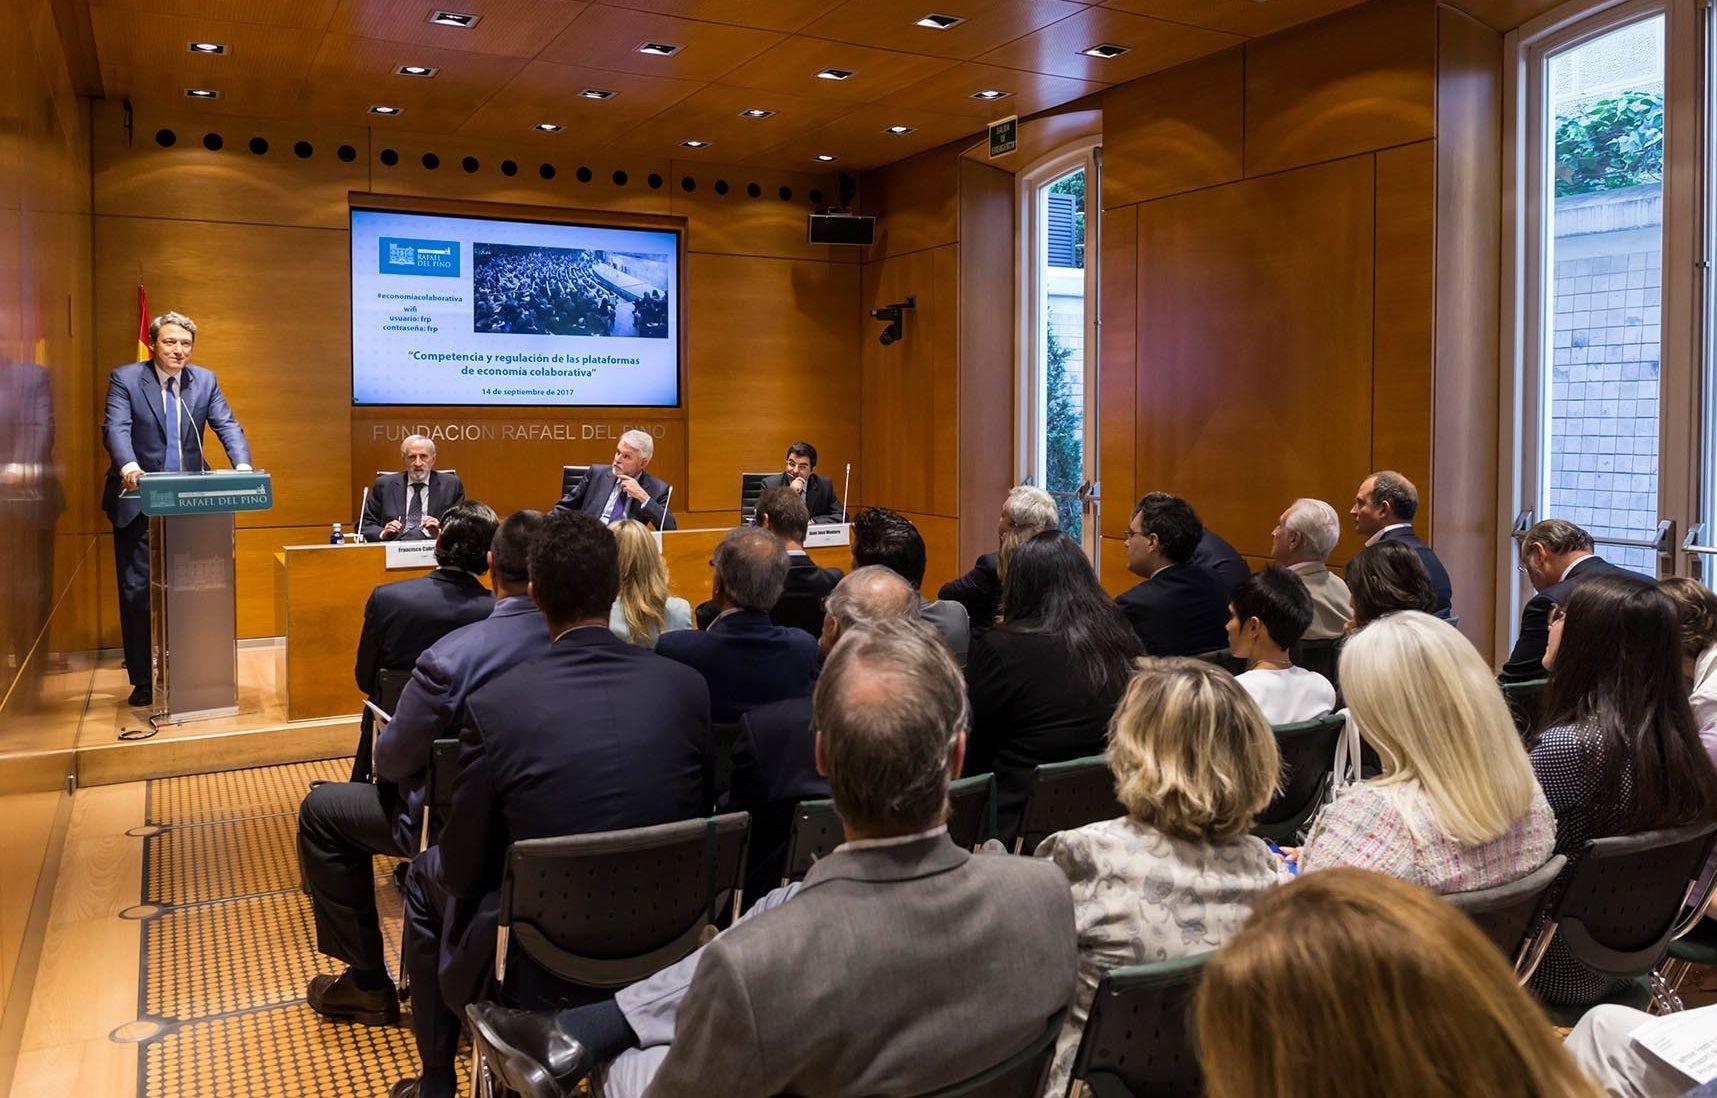 """La Fundación Rafael del Pino acoge la jornada """"Competencia y regulación de las plataformas de economía colaborativa"""". Foto: Fundación Rafael del Pino."""